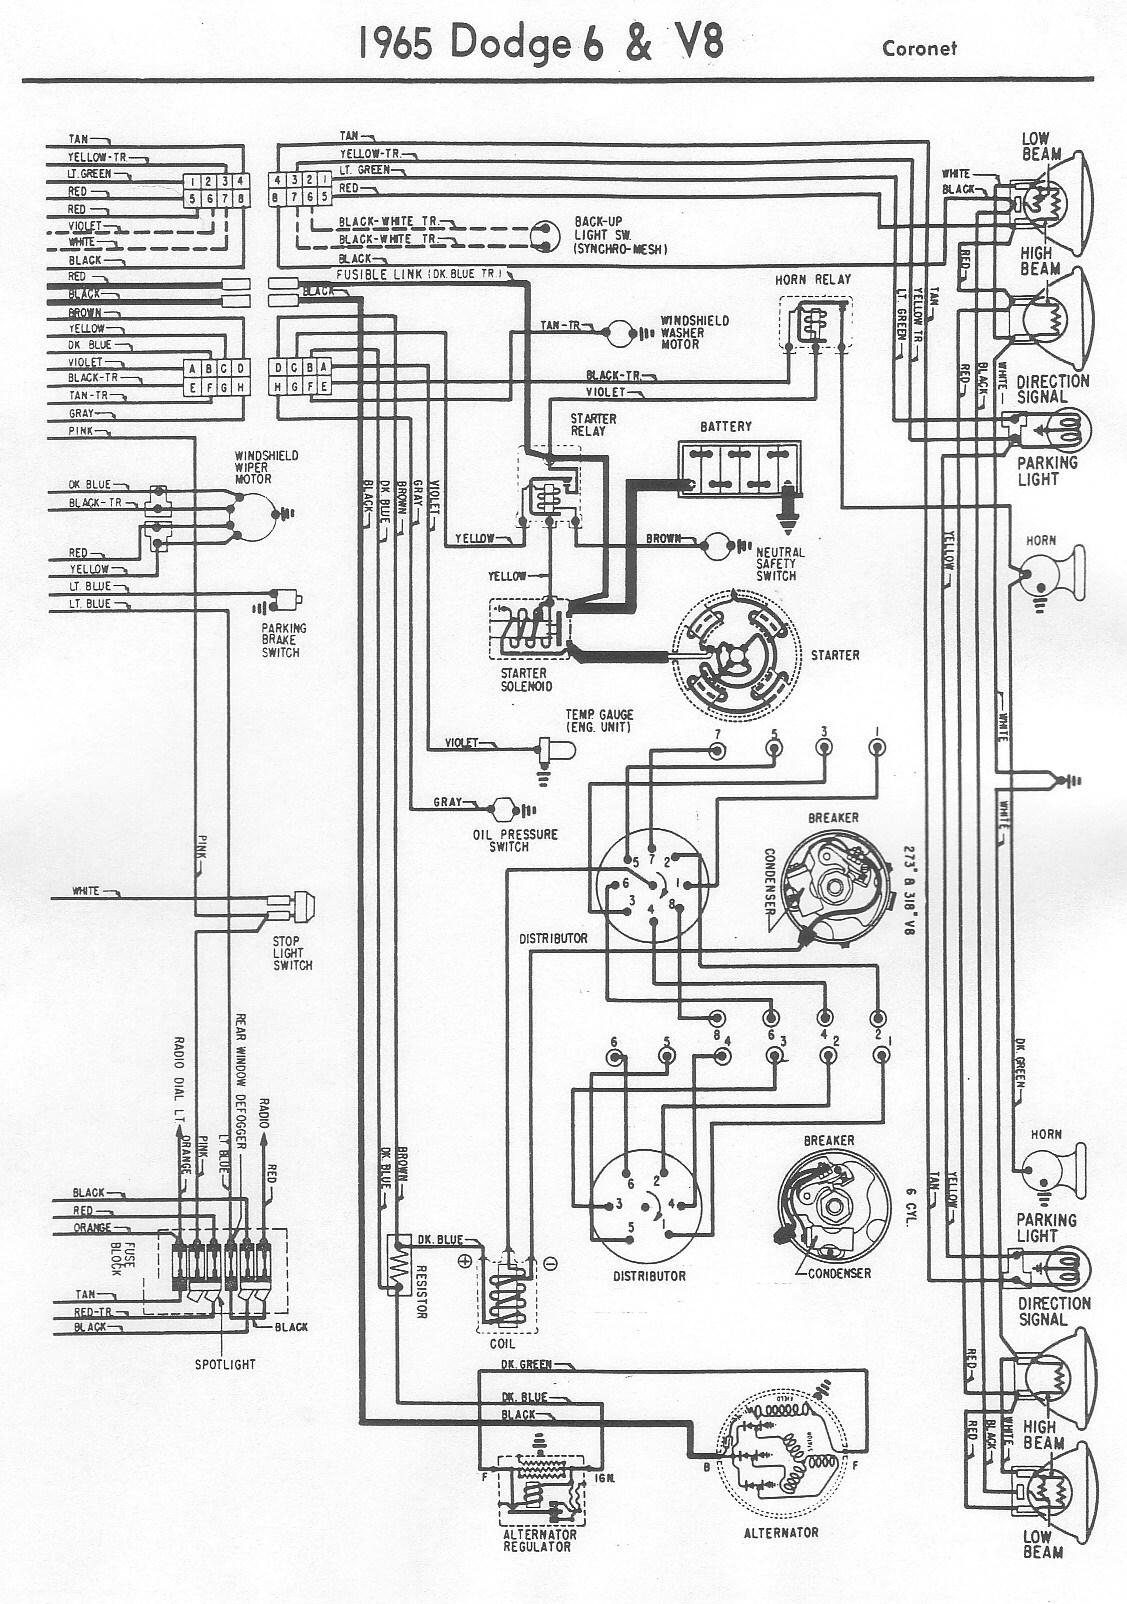 [SCHEMATICS_4US]  1969 Dodge Coronet Wiring Diagram - 03 Eclipse Wiring Diagram for Wiring  Diagram Schematics | Wiring Diagram On 1969 Coronet |  | segay-07.ecolechassiers.fr